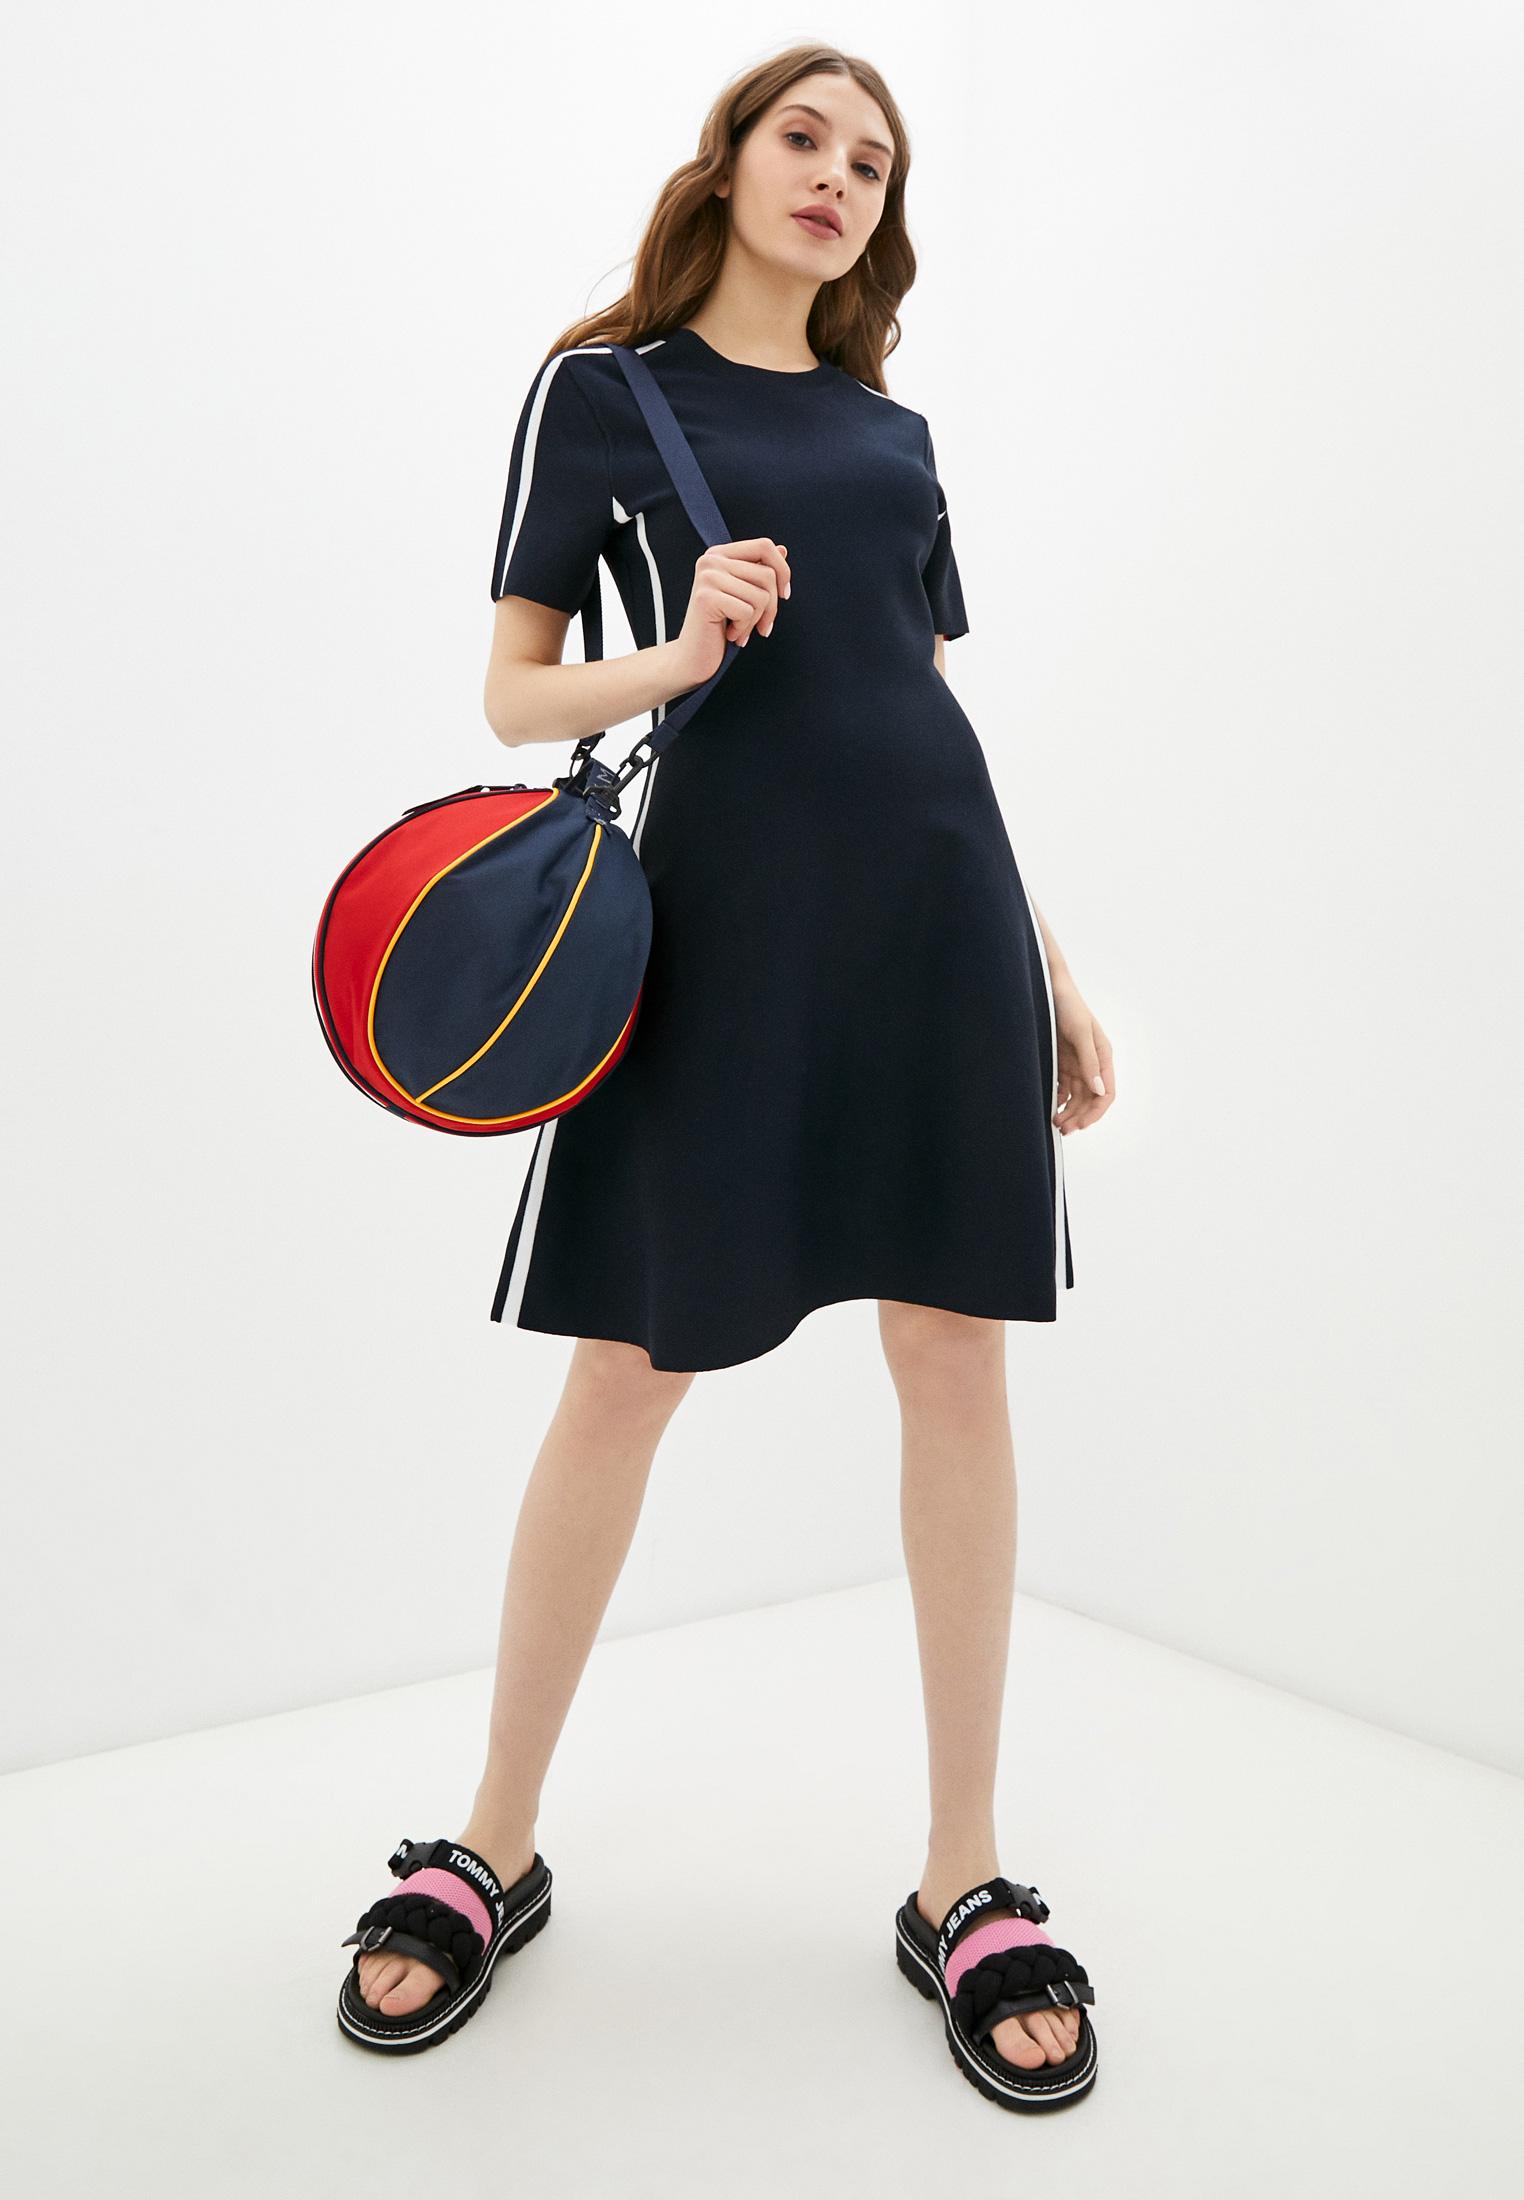 Вязаное платье Tommy Hilfiger (Томми Хилфигер) WW0WW30686: изображение 2